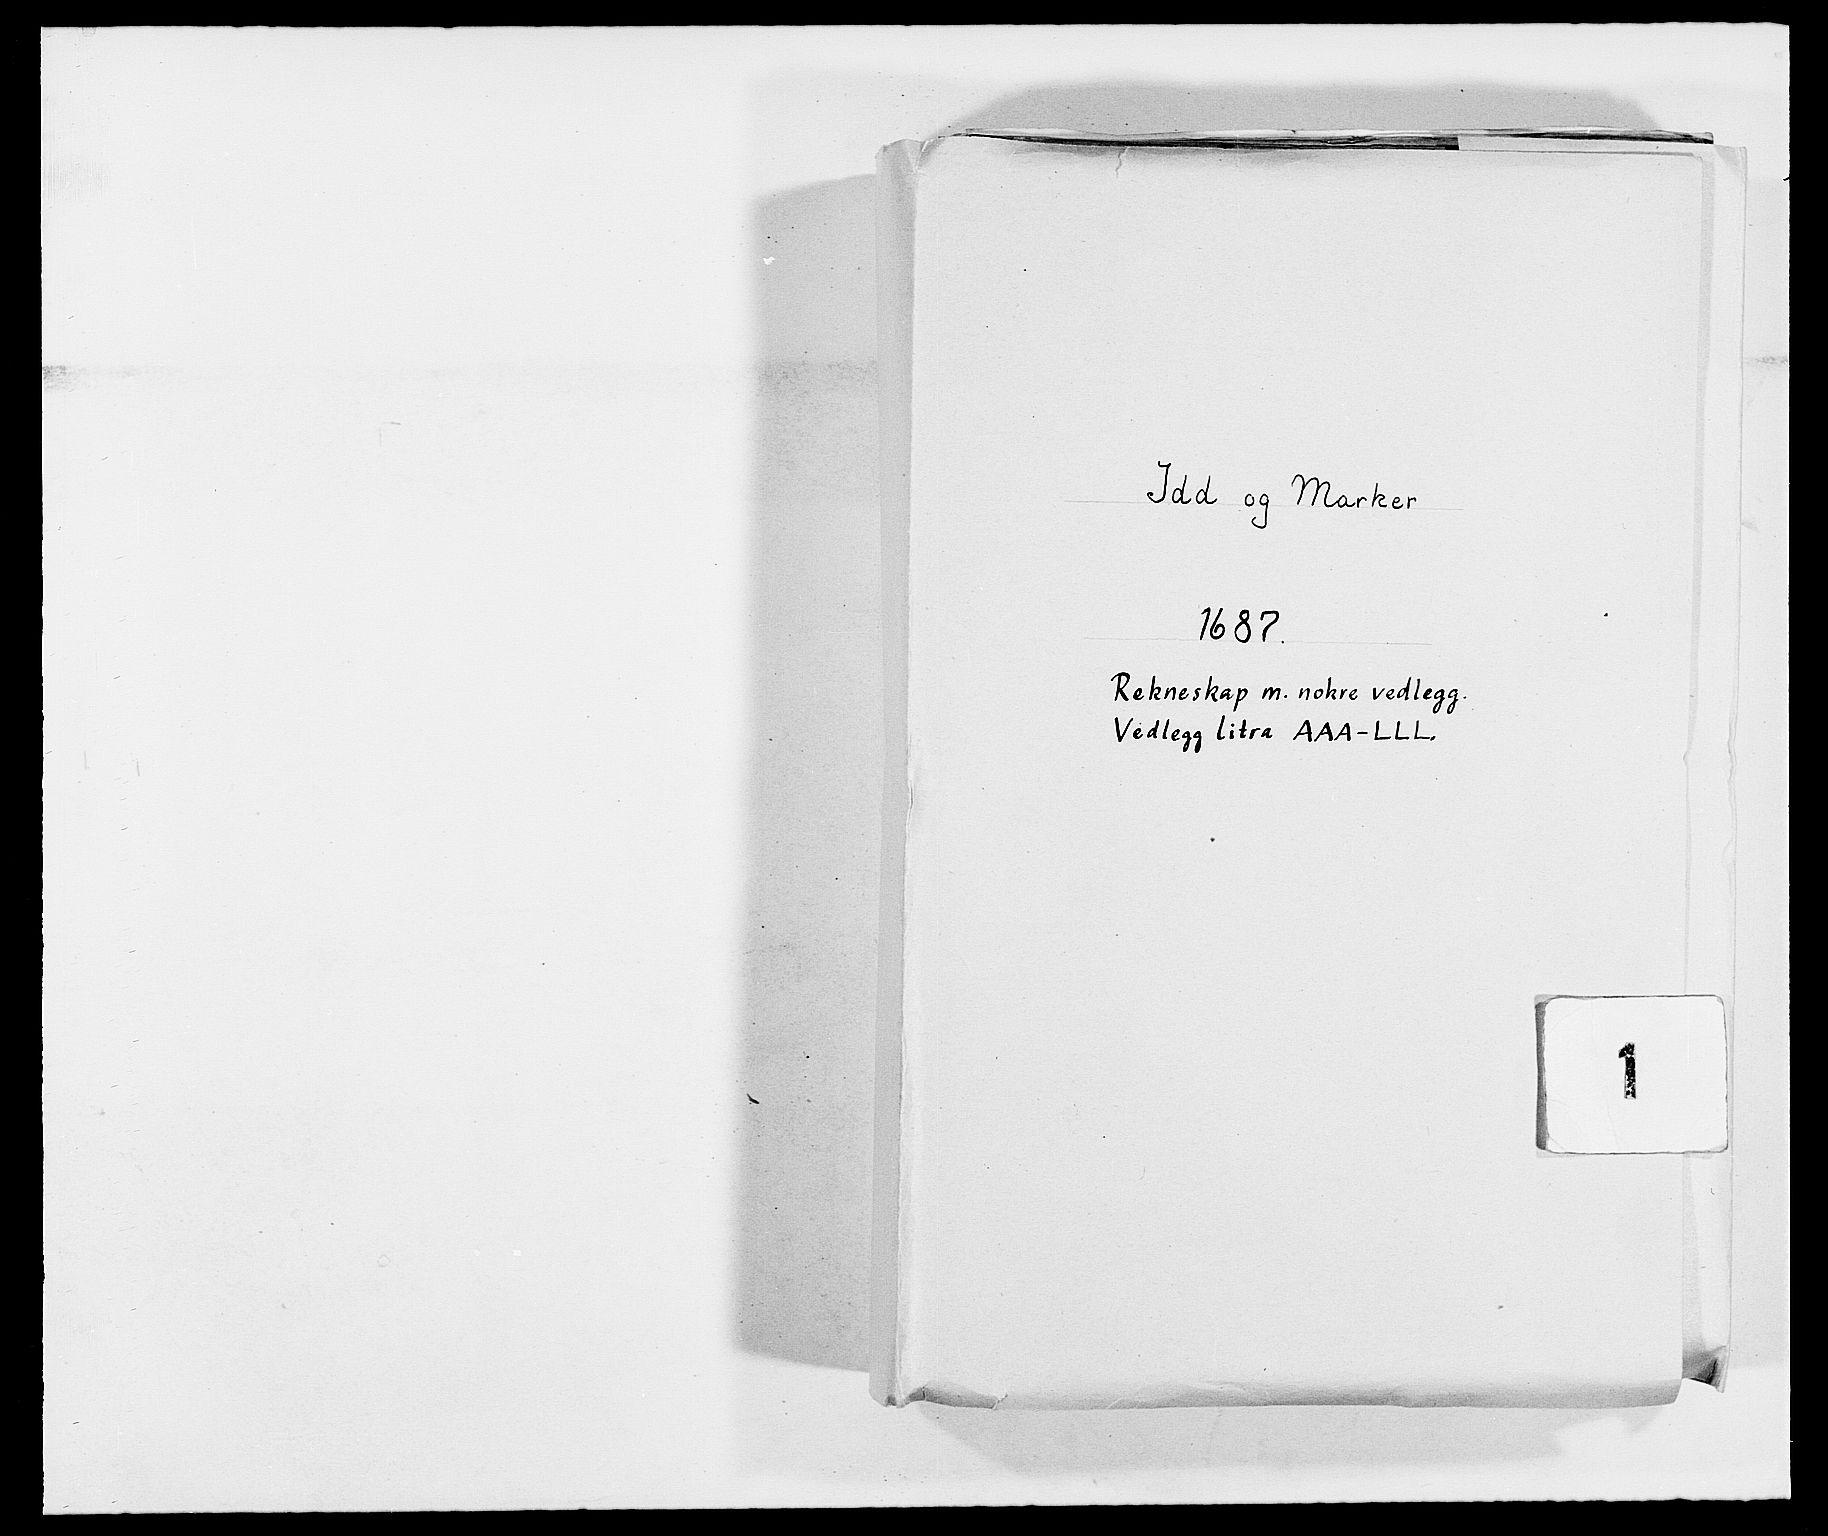 RA, Rentekammeret inntil 1814, Reviderte regnskaper, Fogderegnskap, R01/L0007: Fogderegnskap Idd og Marker, 1687-1688, p. 1